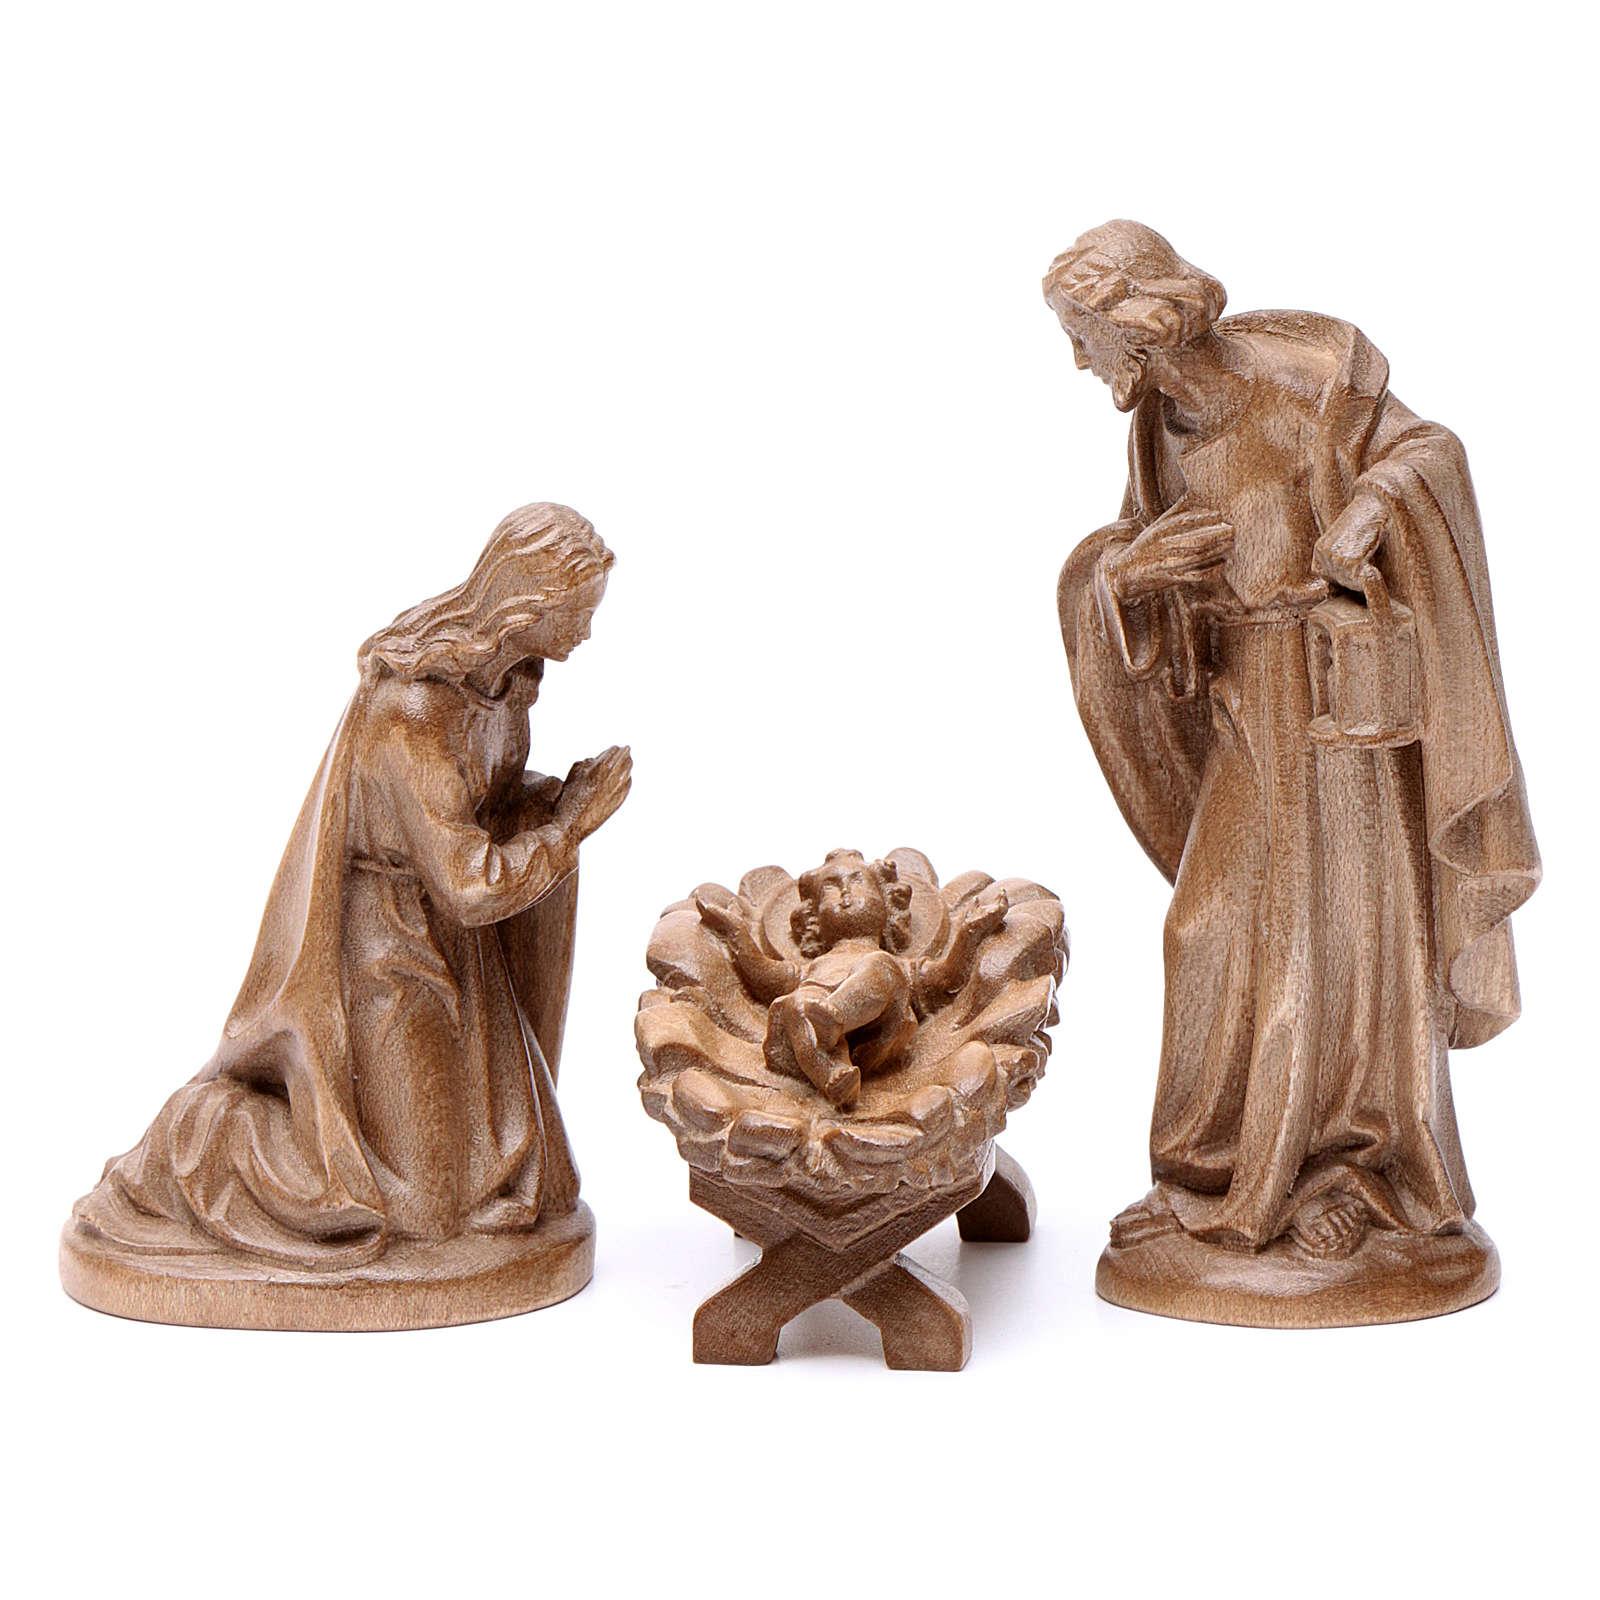 Sagrada Familia de madera Valgardena patinada 4